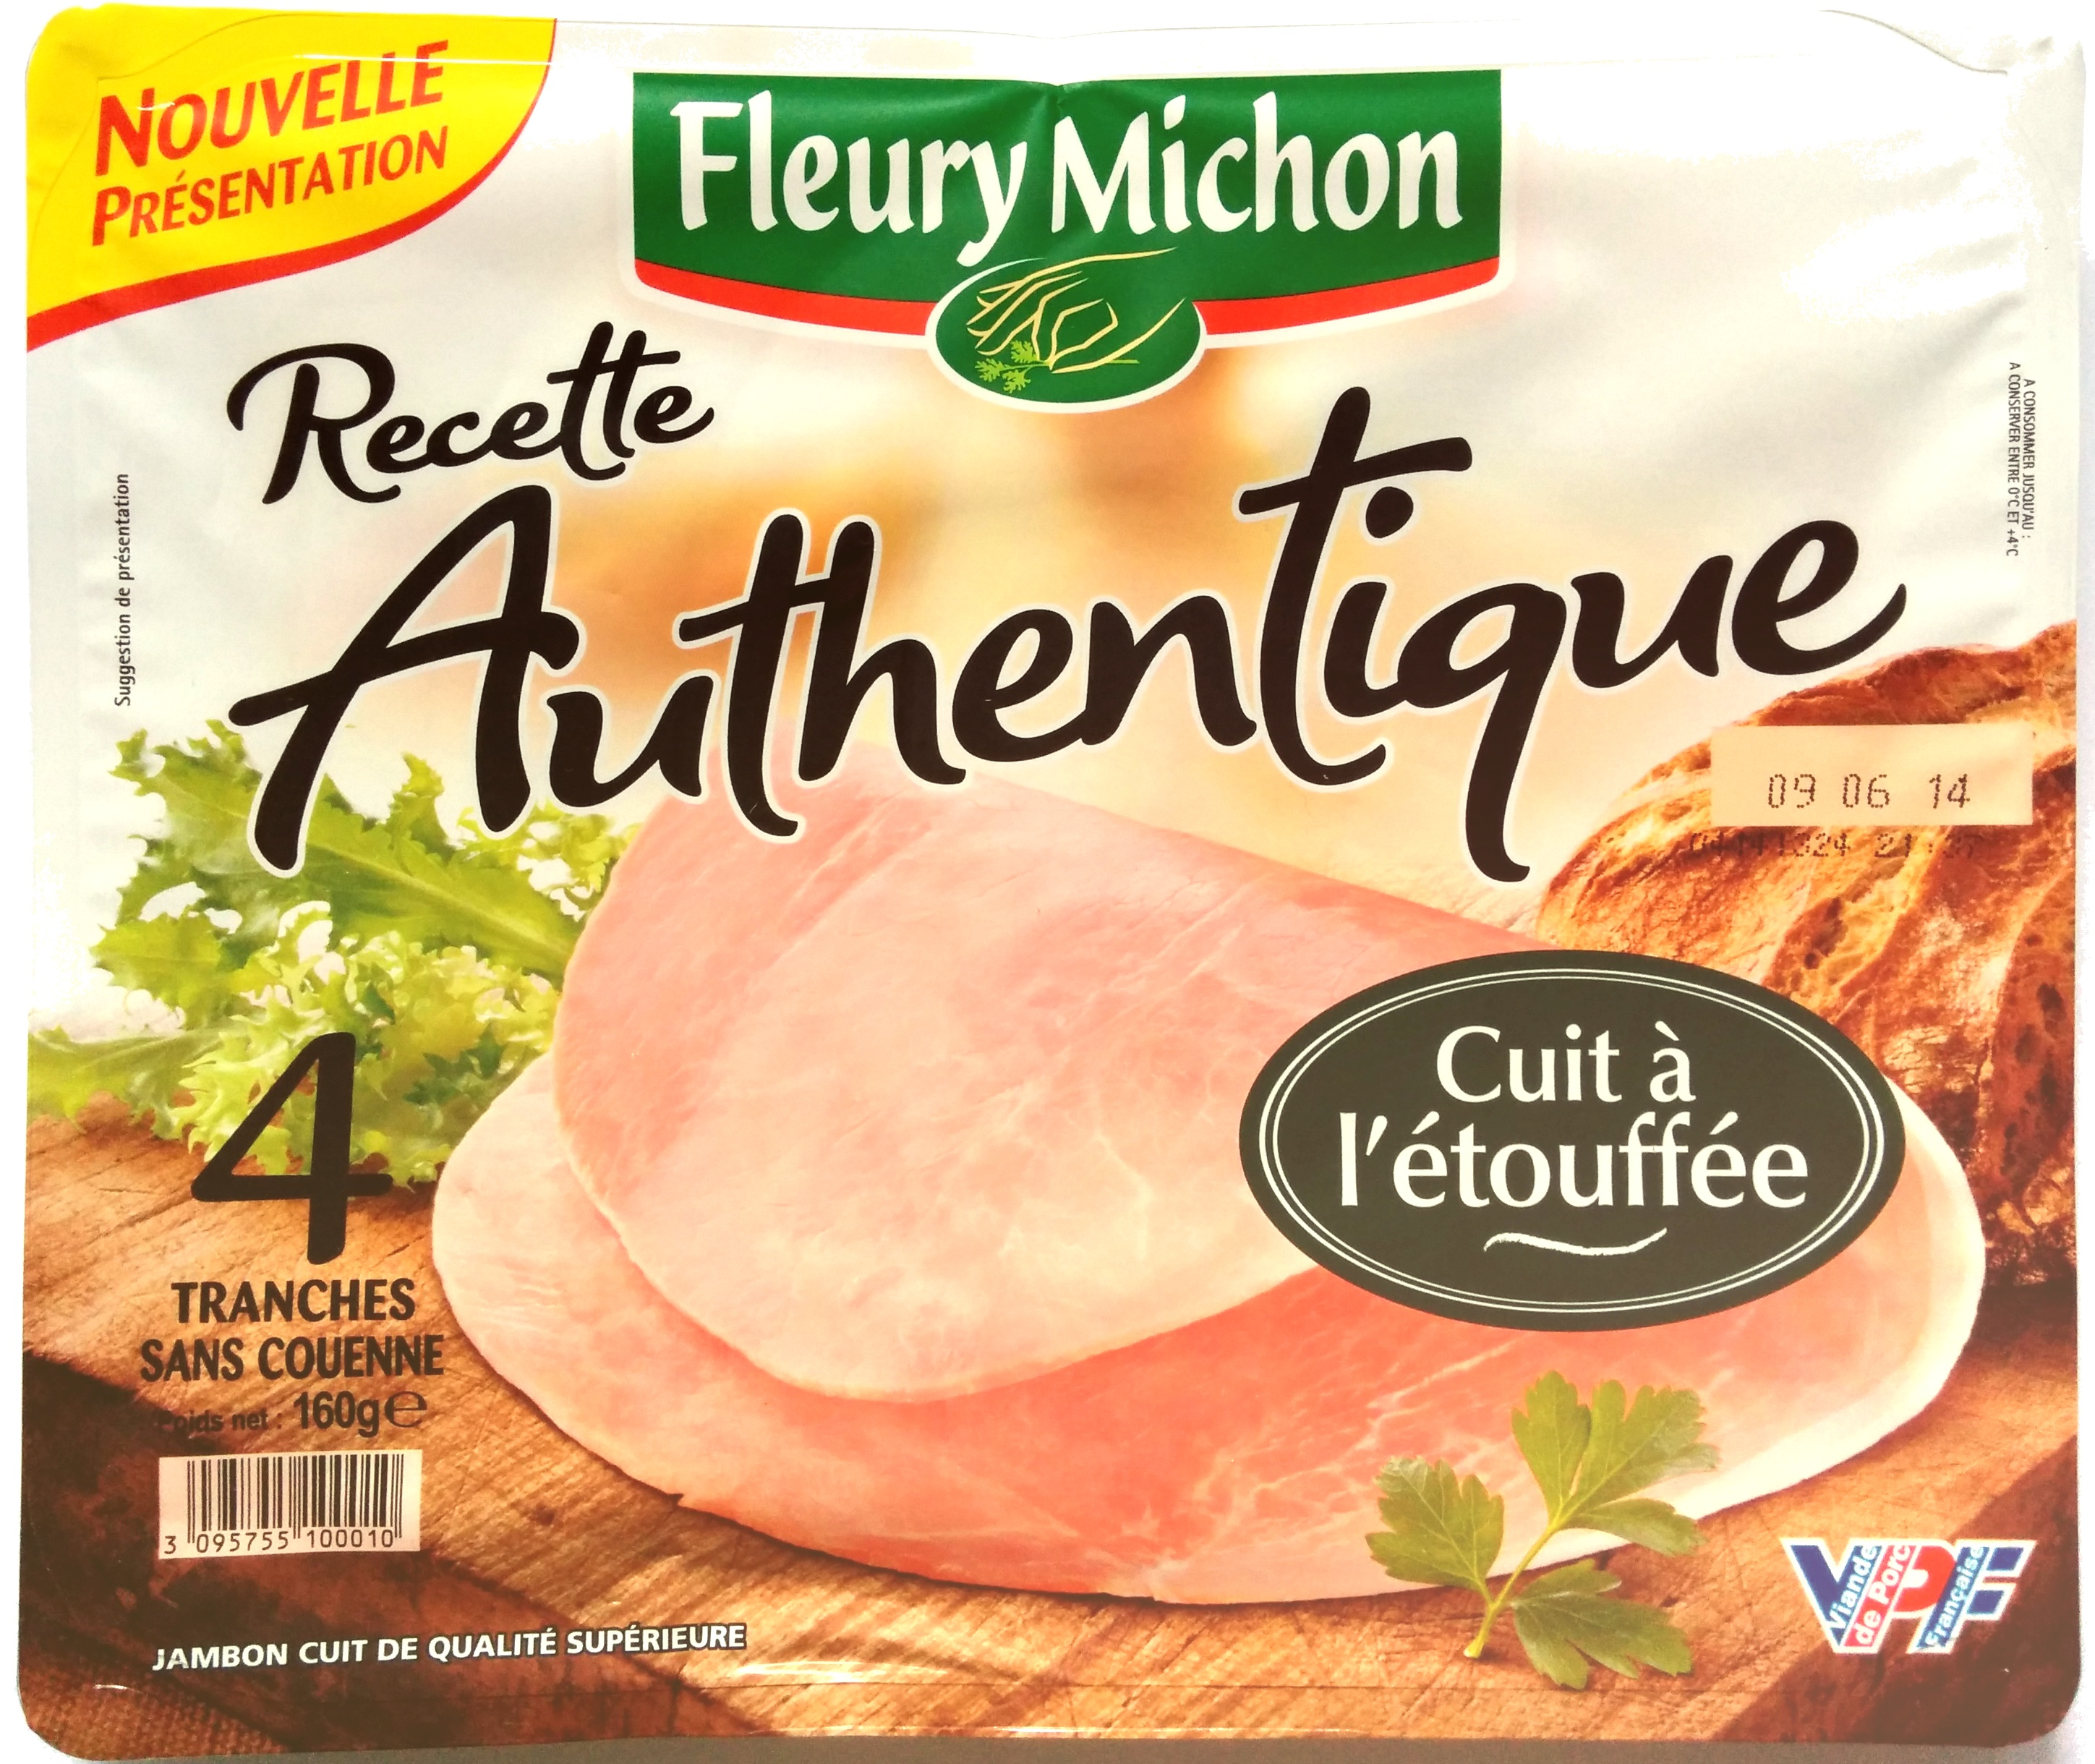 Recette Authentique cuit à l'étouffée - Produit